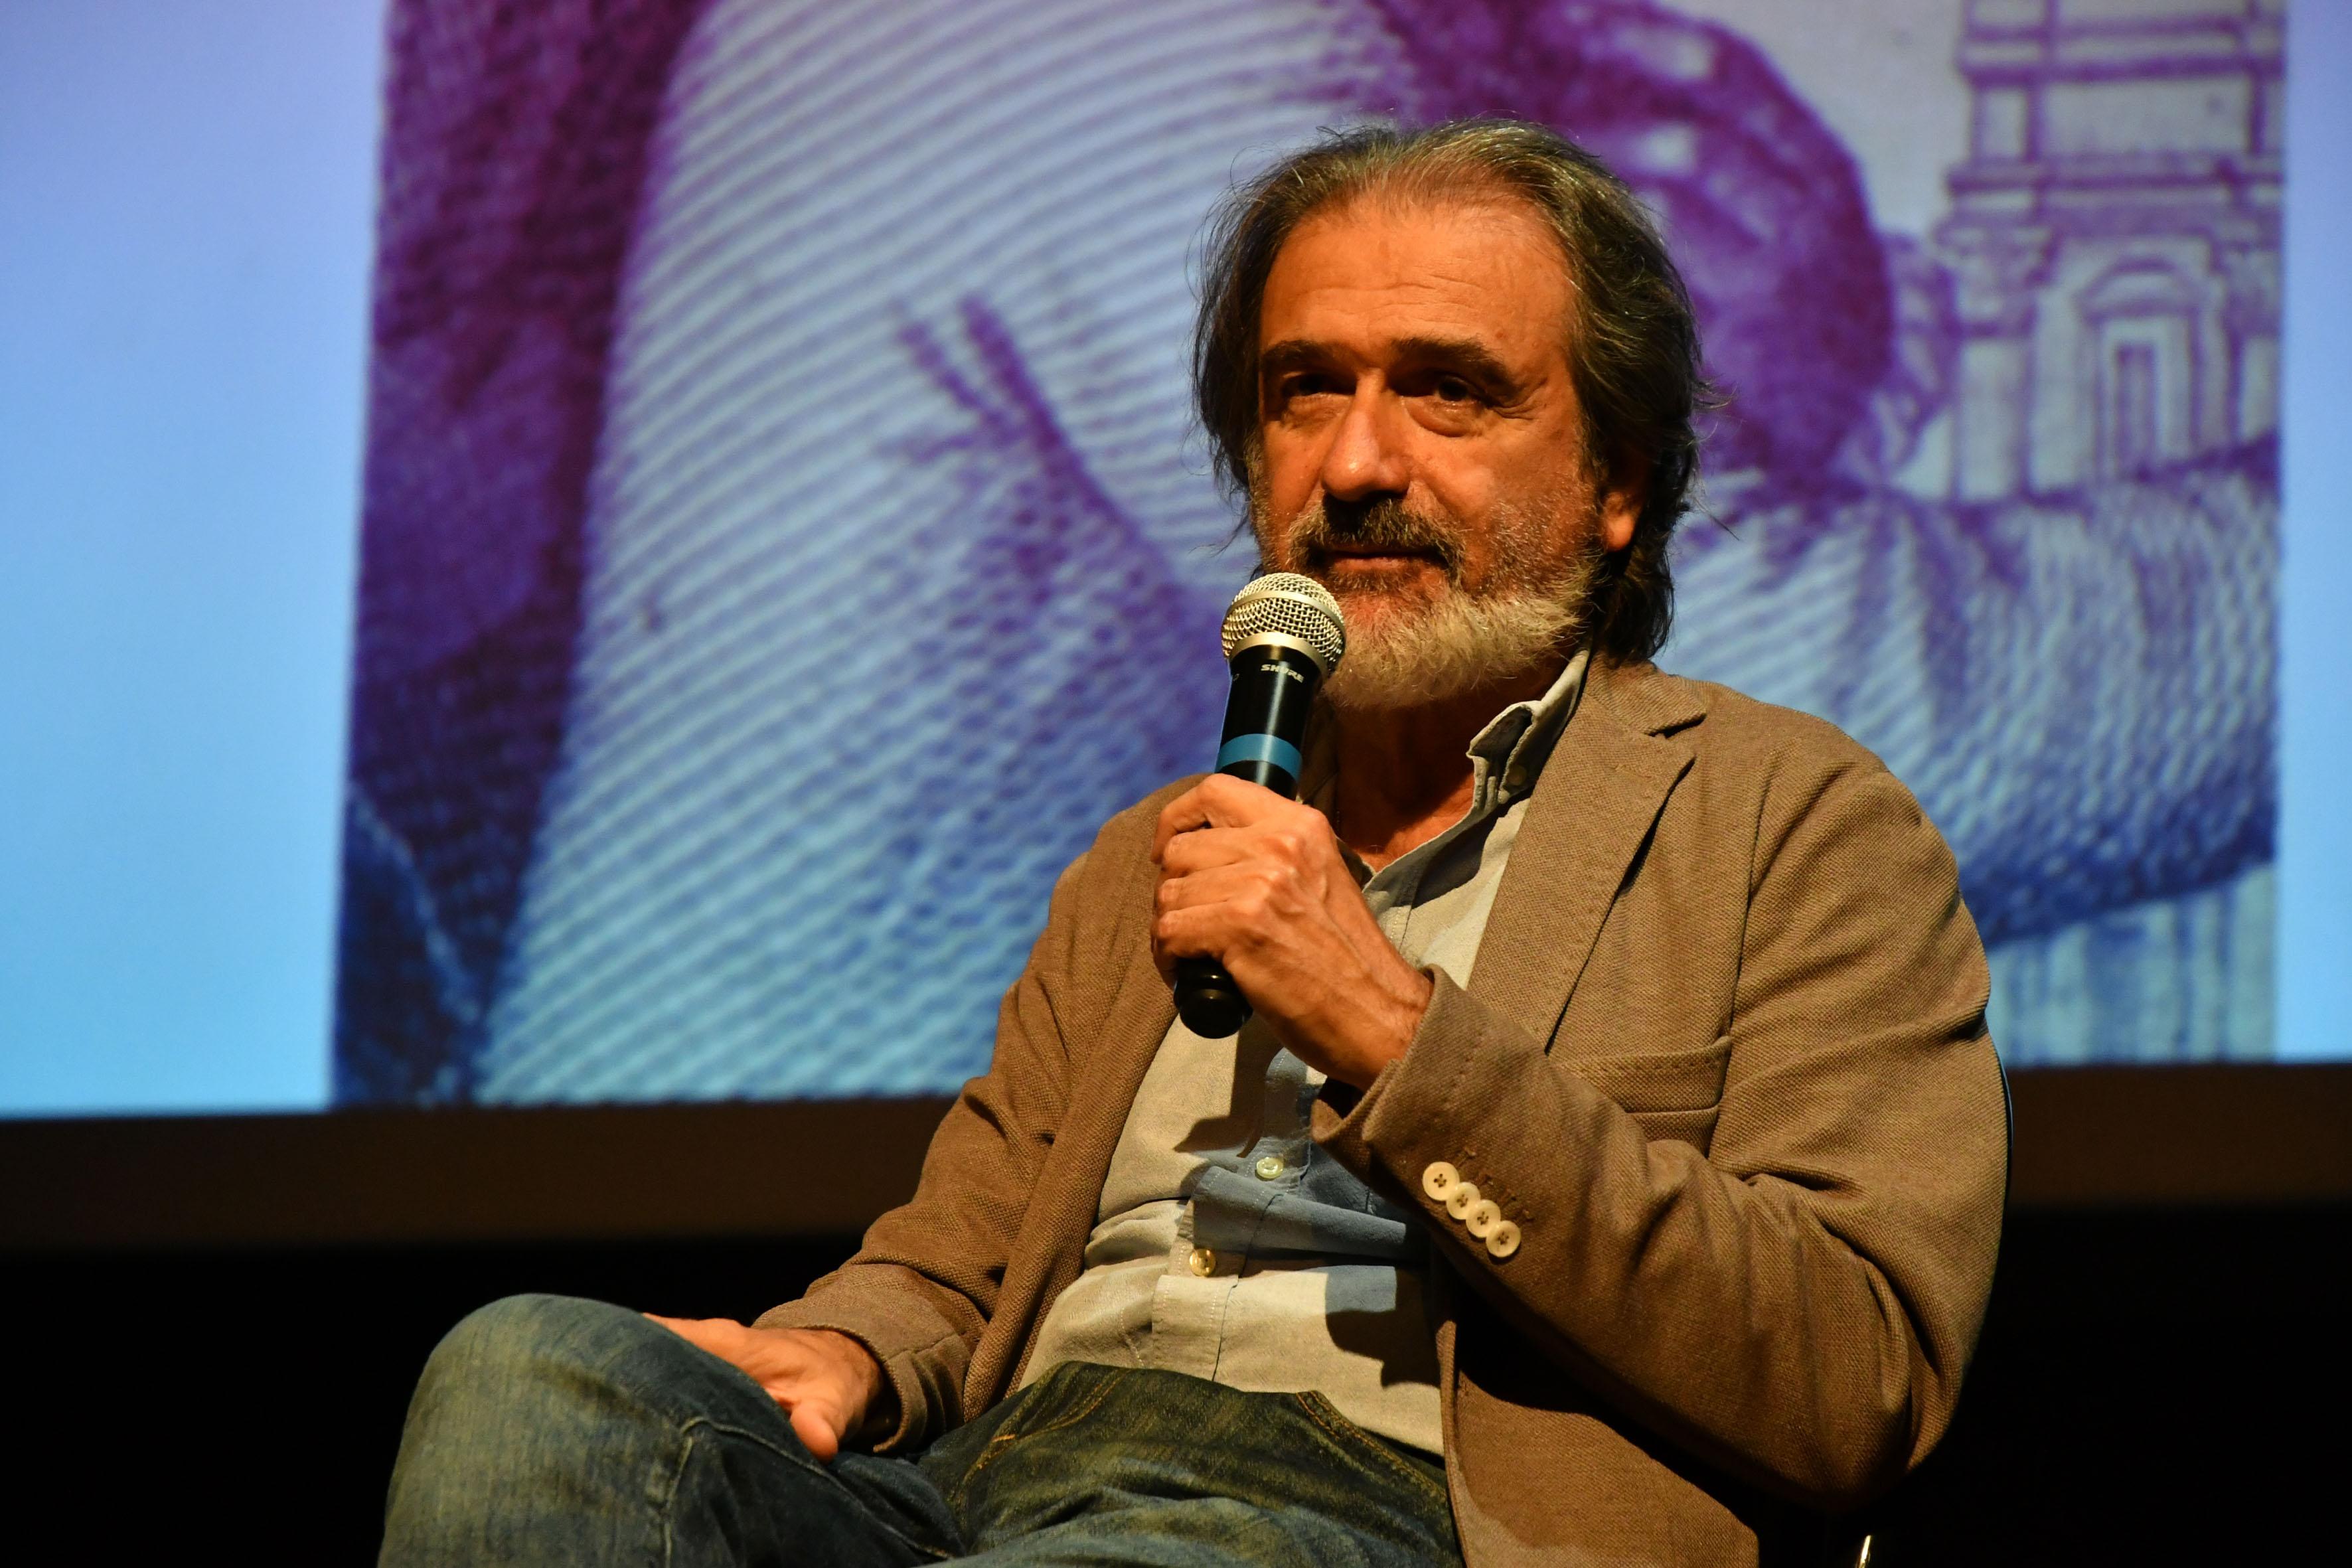 Paolo Poponessi